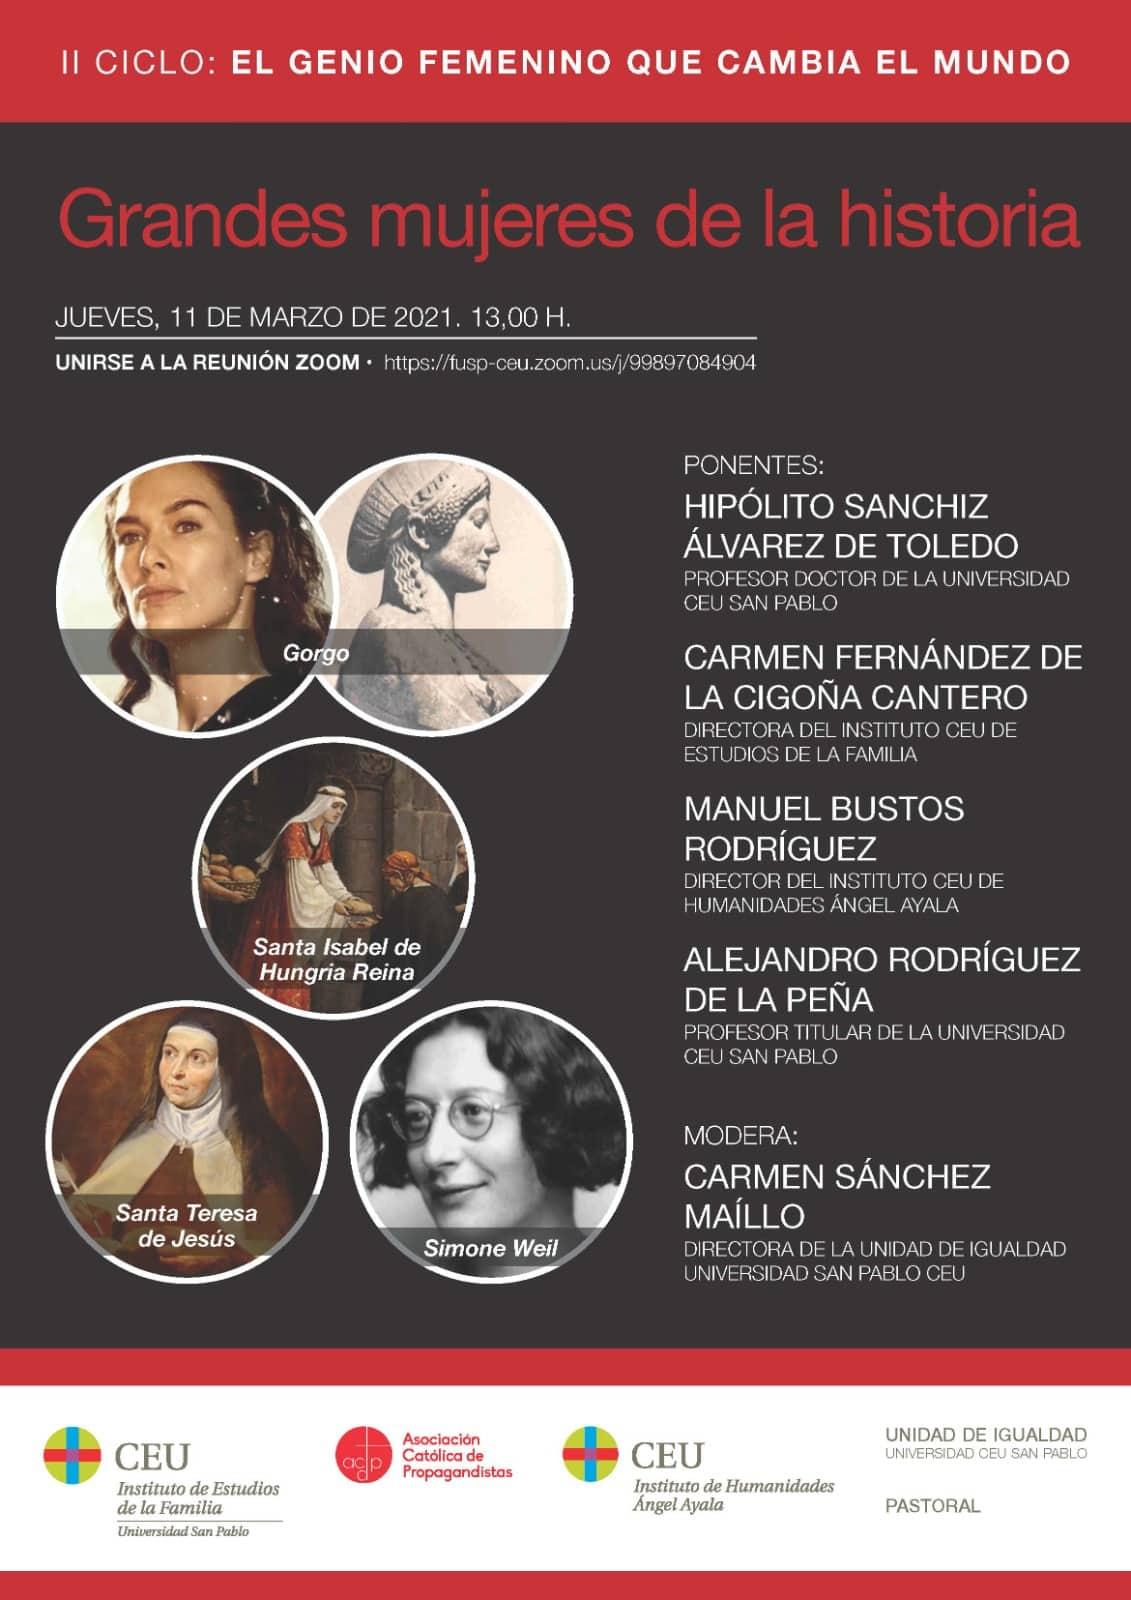 II Ciclo: Grandes Mujeres de la Historia